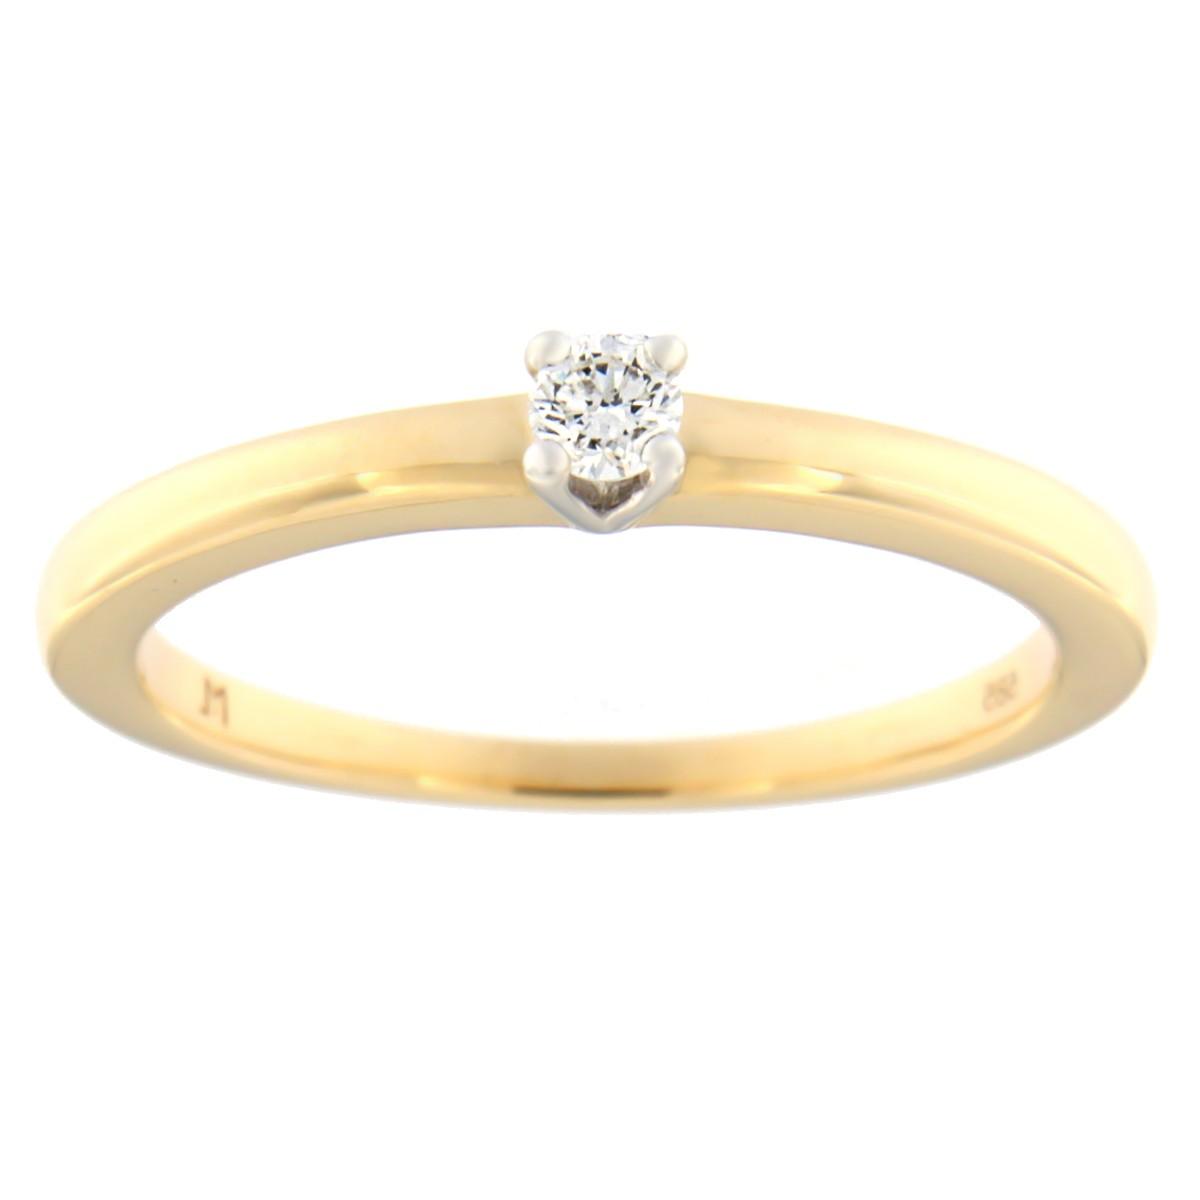 Kullast sõrmus teemantiga 0,10 ct. Kood: 67at